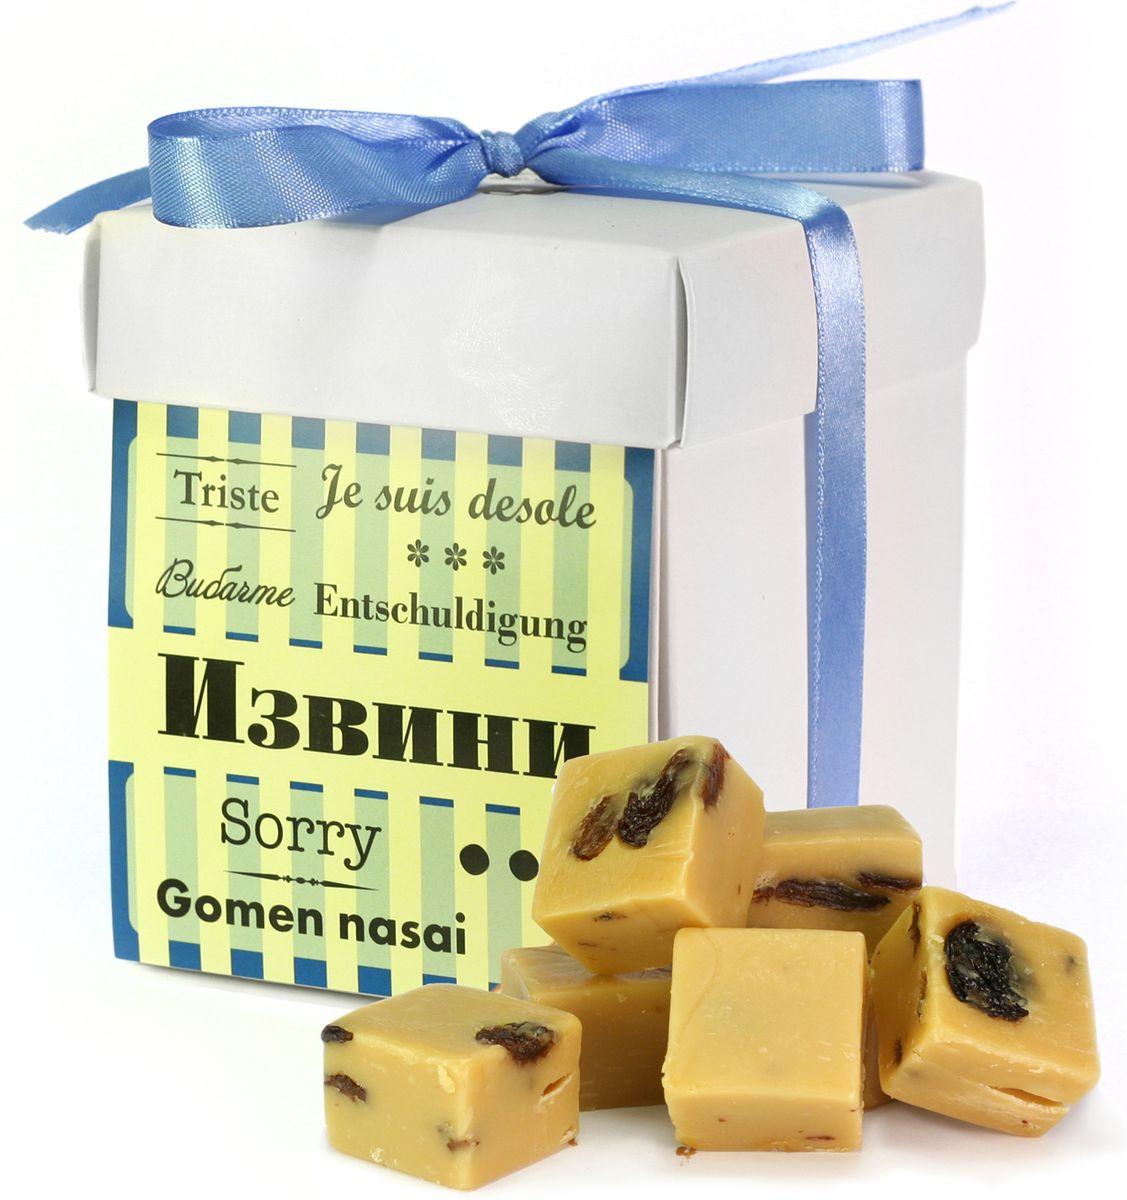 Конфеты Вкусная помощь Извини, 125 г14047Конфеты Извини - это мягкий ирис со вкусом ром-изюм. Коробка конфет, являющаяся гарантией прощения! Эти вкусные конфеты помогут вам сказать извини на множестве языков мира.